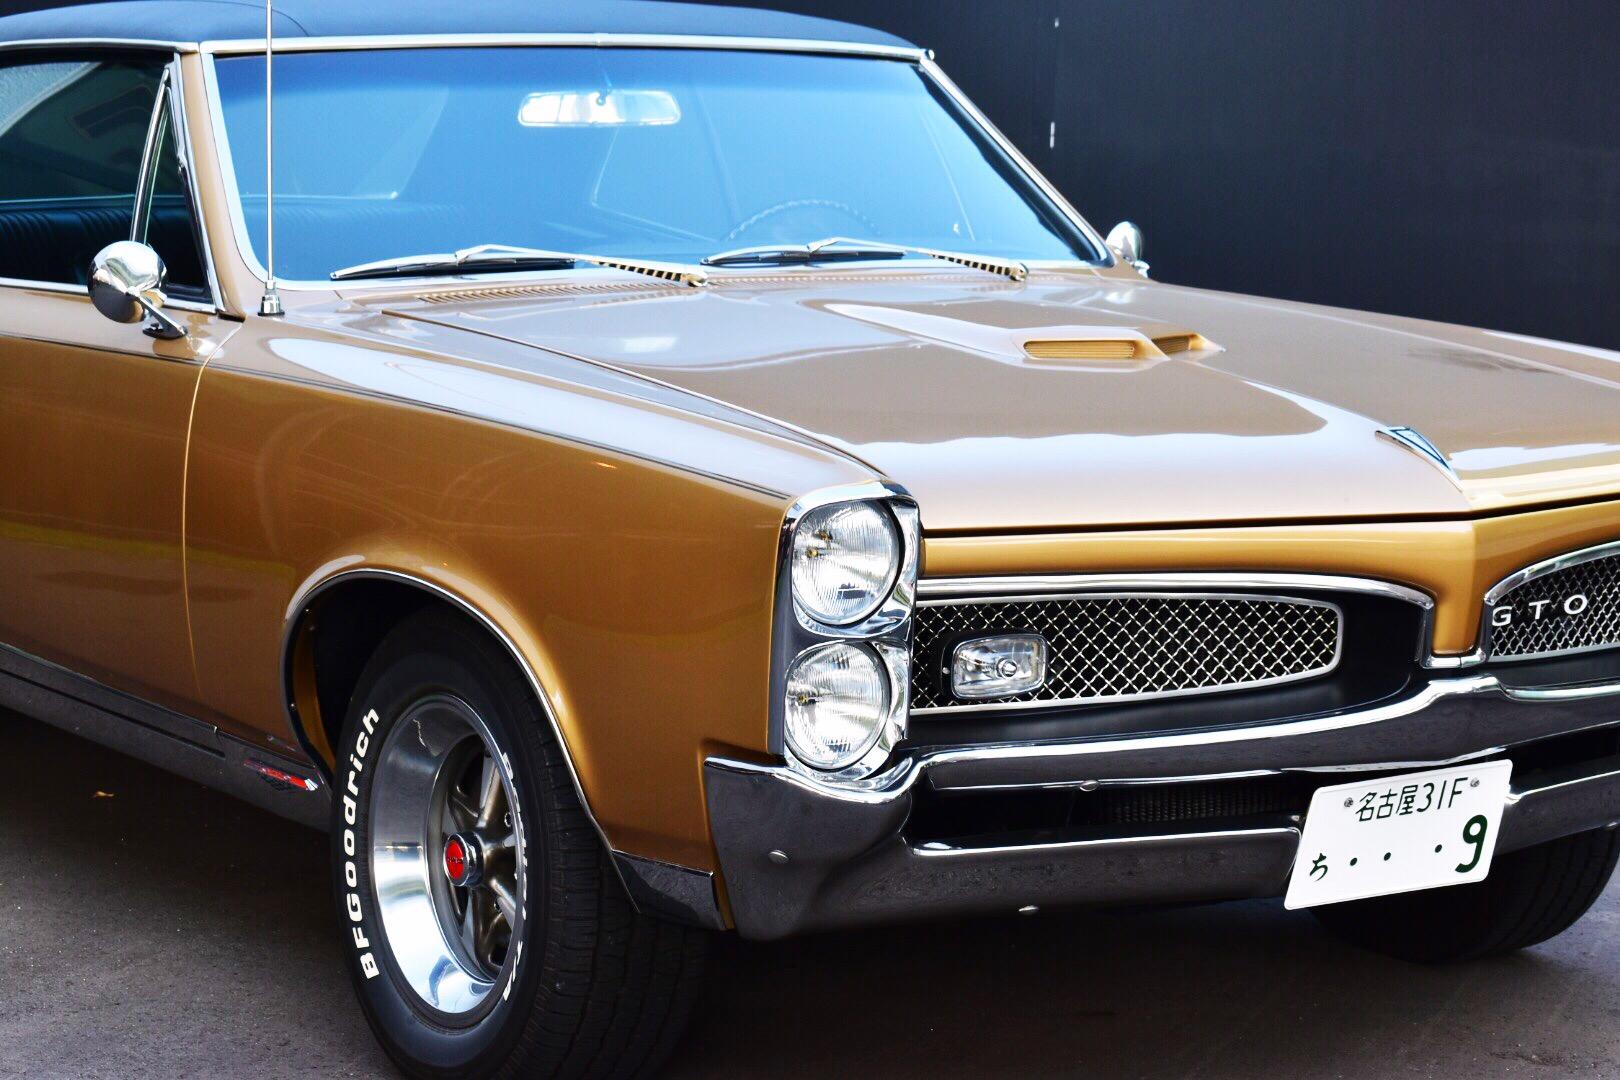 ポンテアックGTO 1967 2